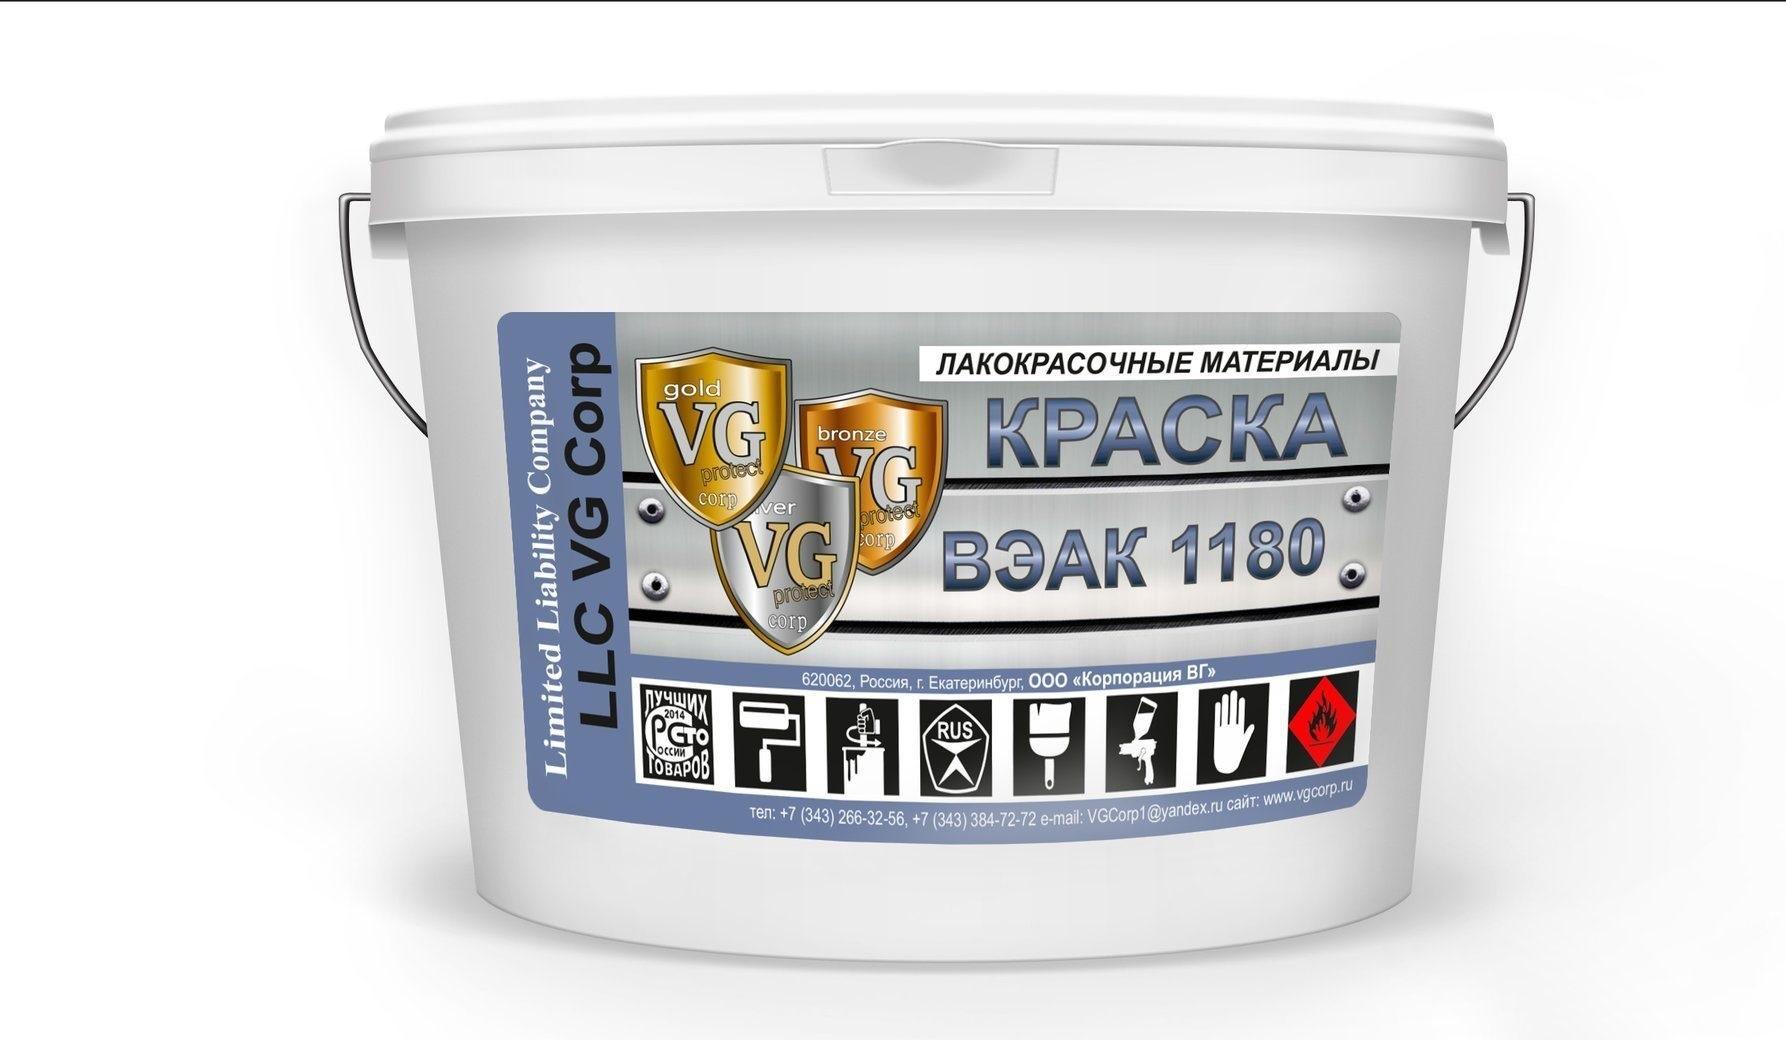 Краска водоэмульсионная ВЭАК 1180